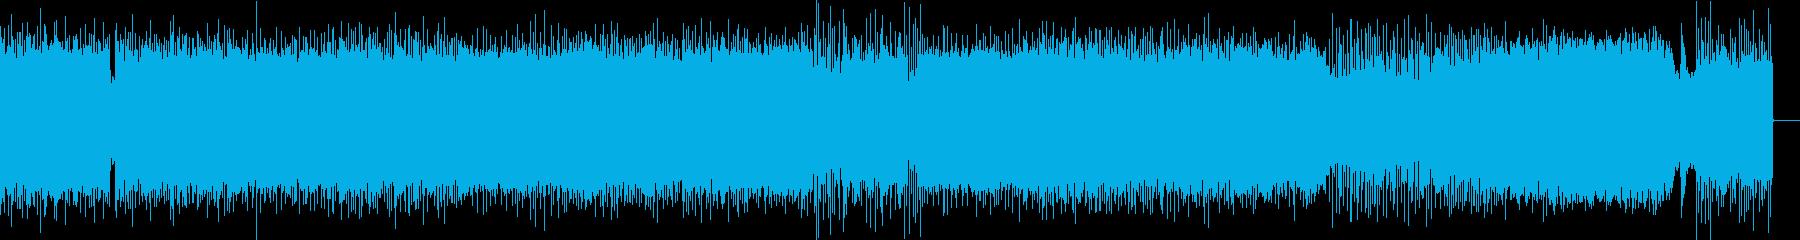 ハードサウンドをポップに軽快にの再生済みの波形